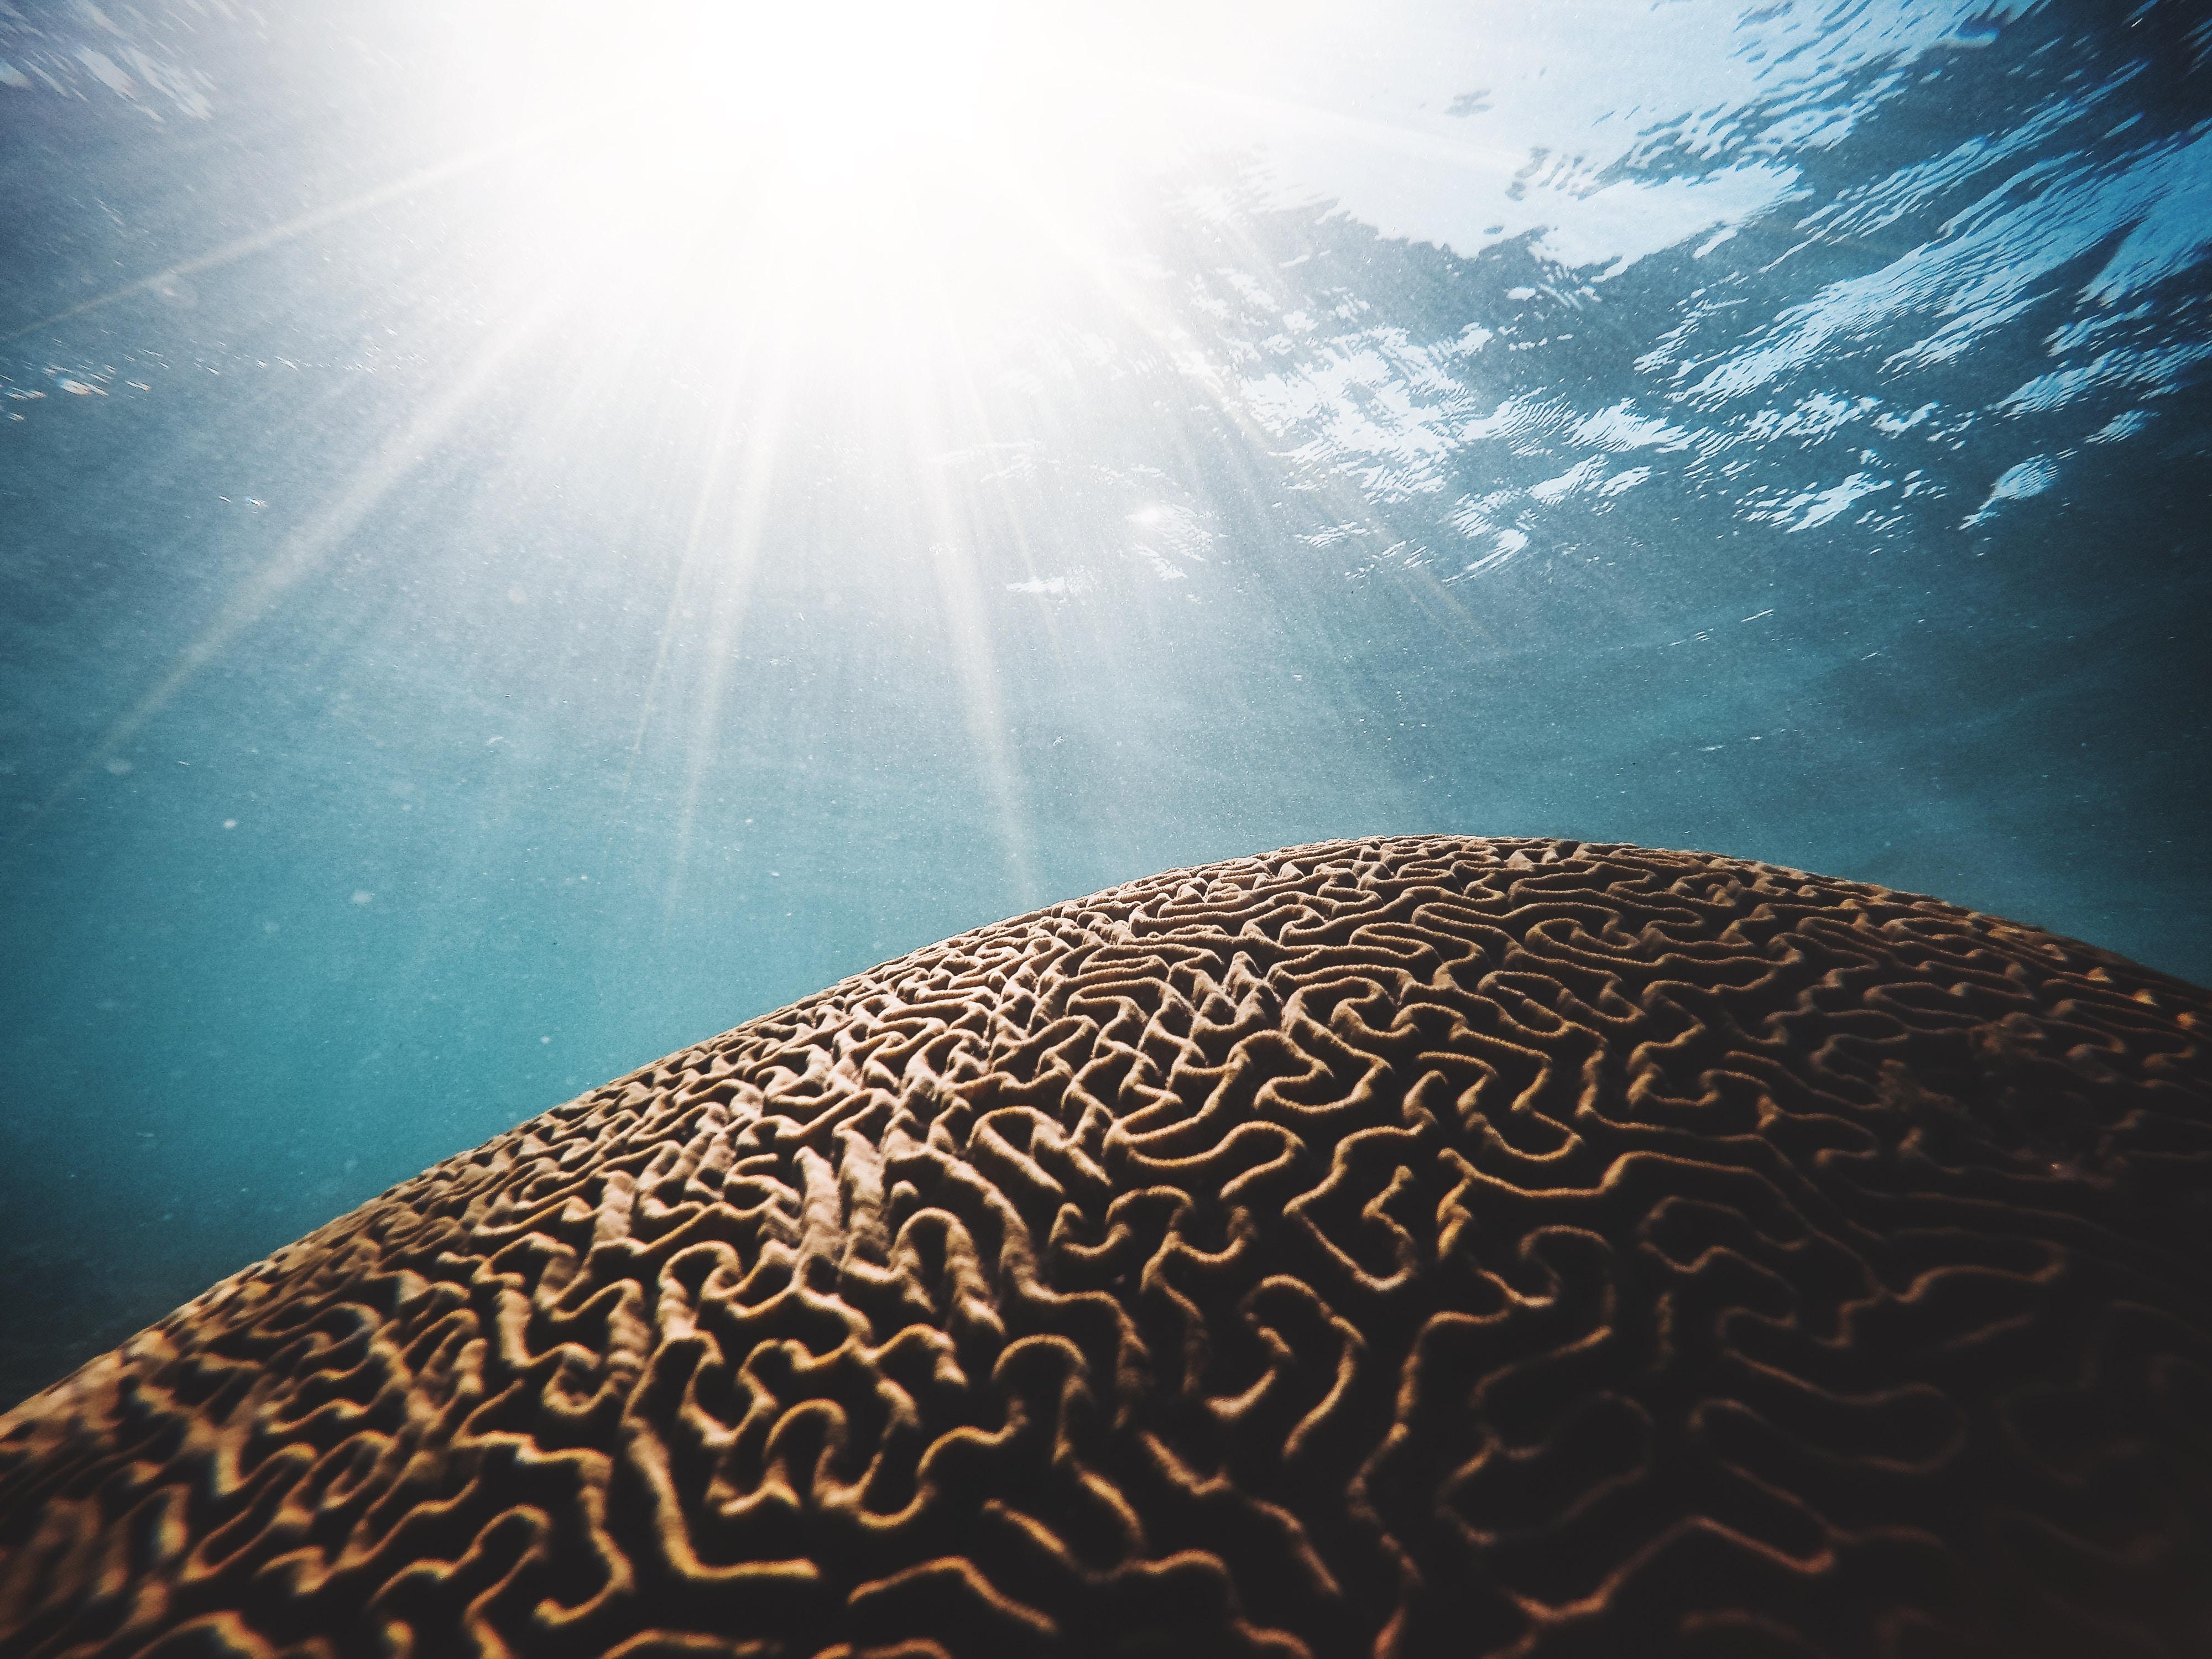 5 Takeaways from My Broken Brain 2 Docu-Series - Dr  Mark Hyman